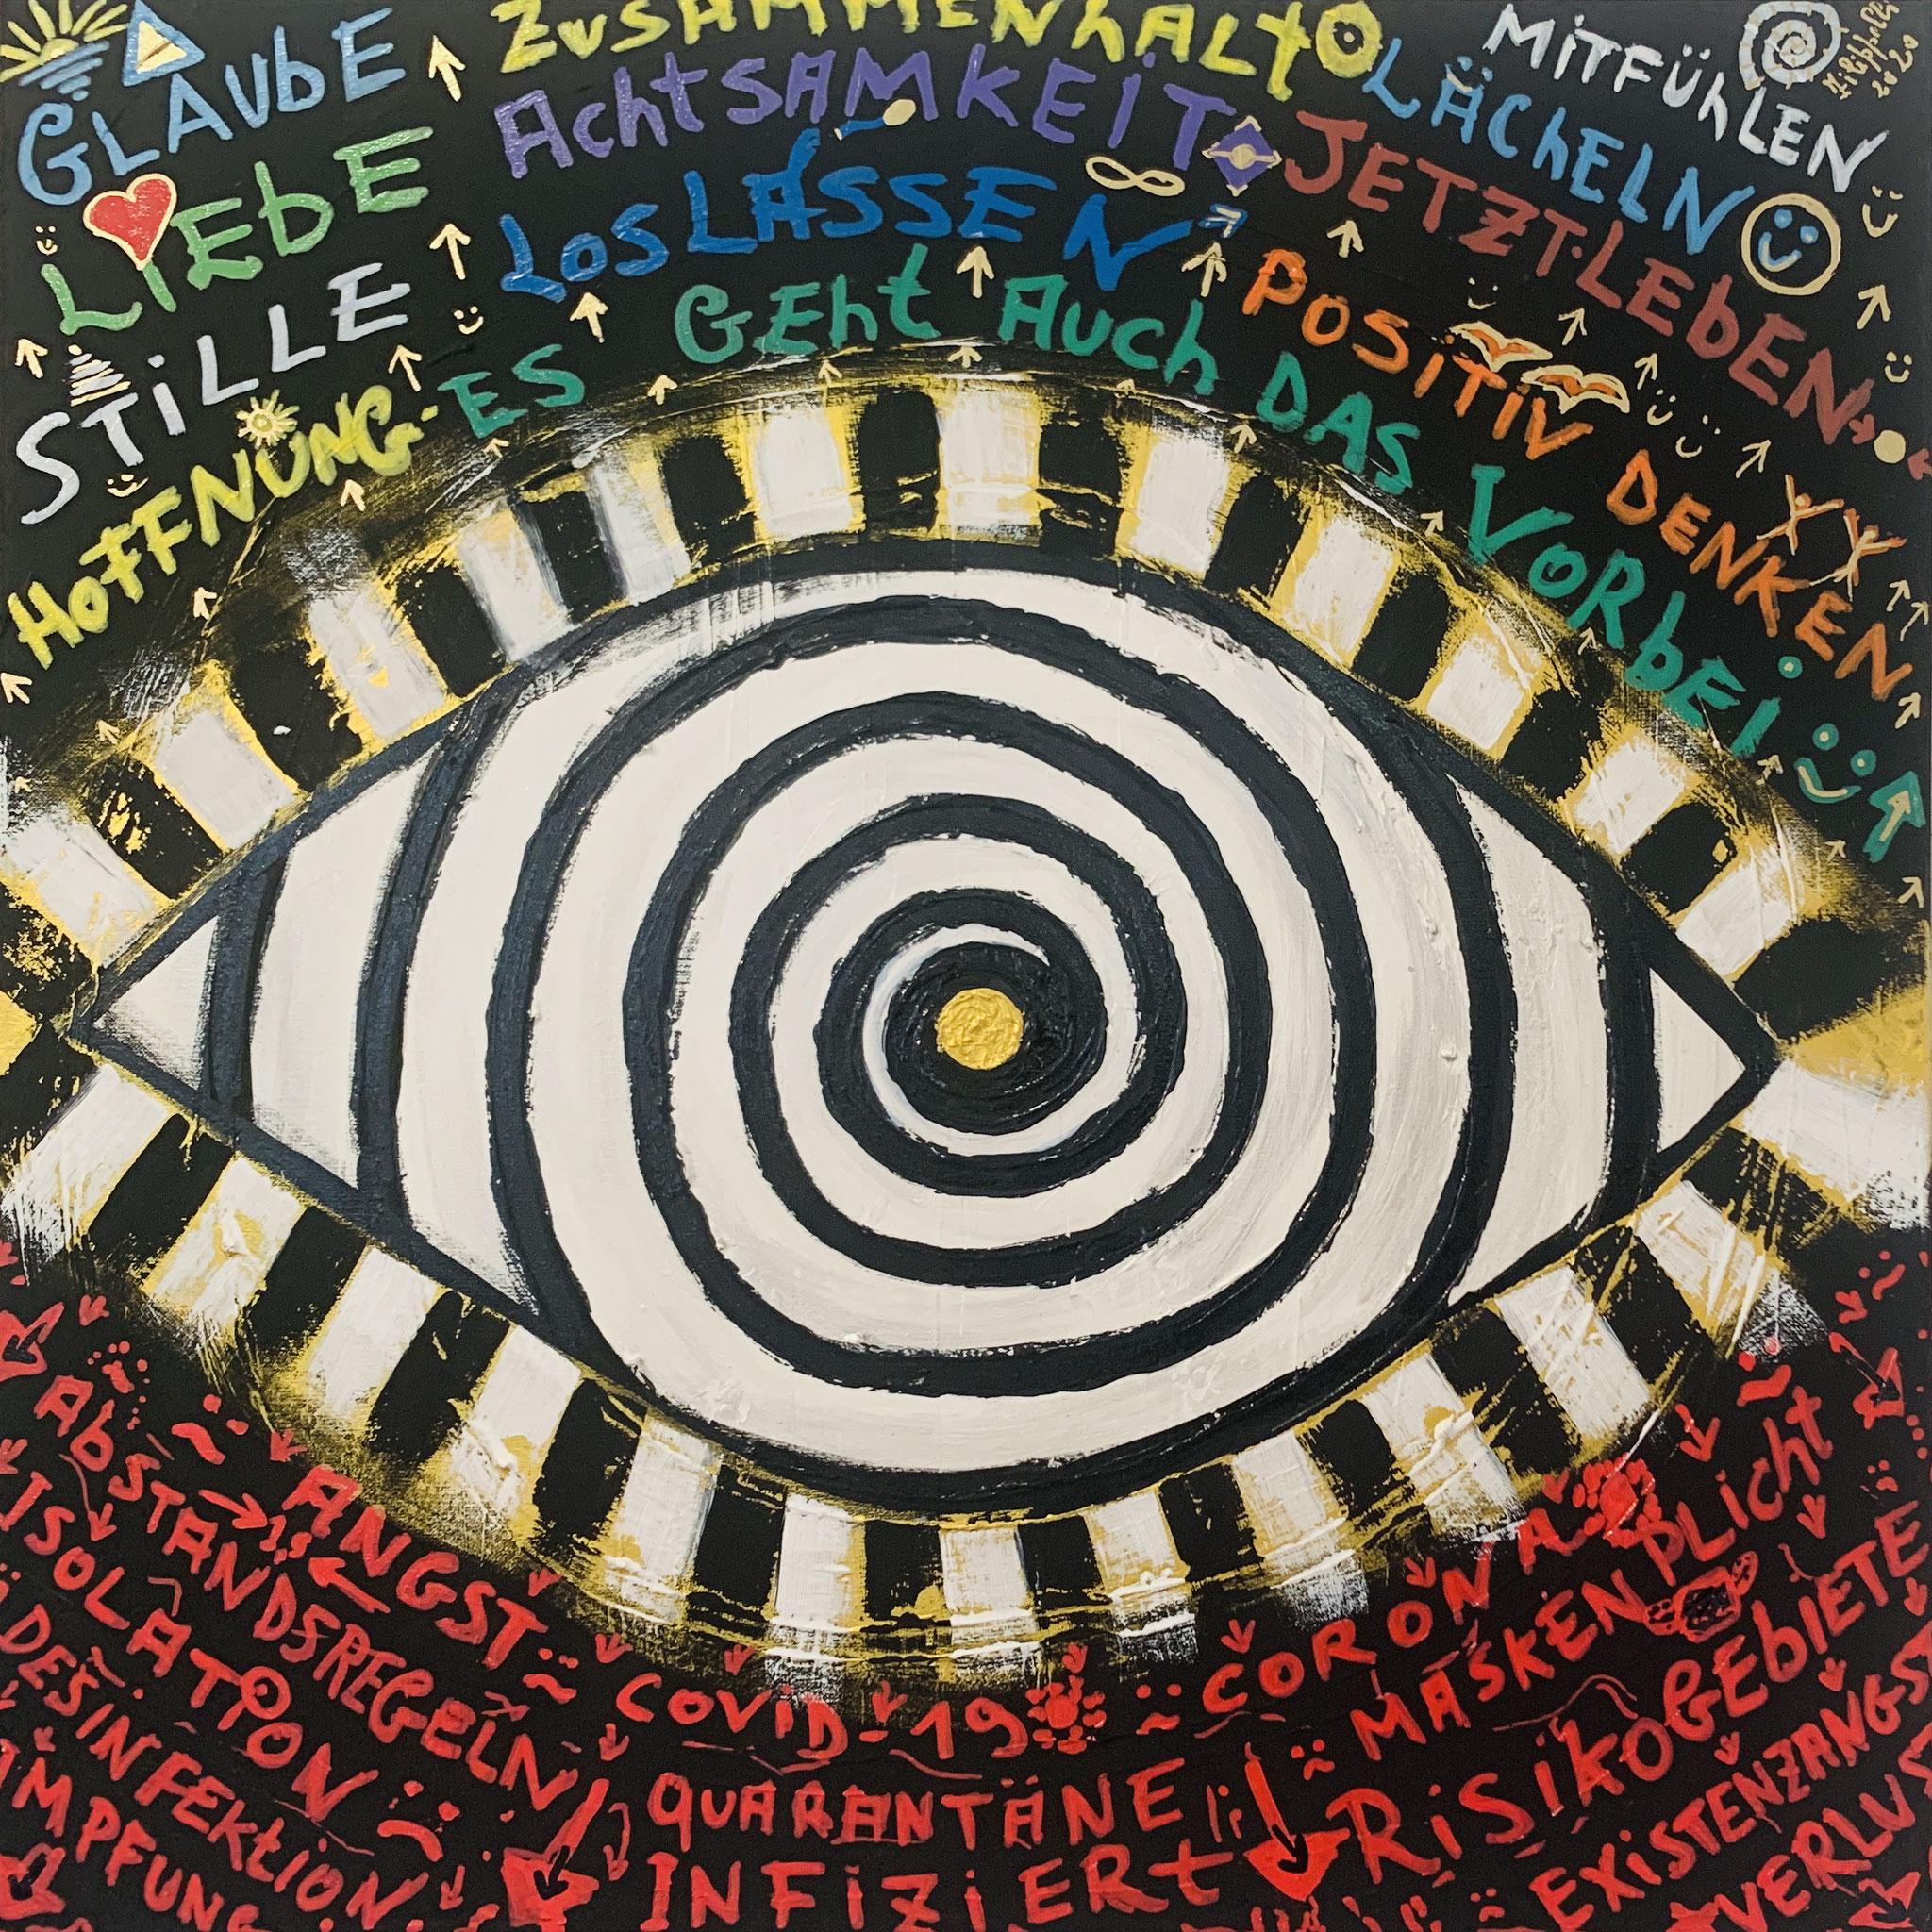 56. Ernesto Filipelli, Wo Fokussierst Du Deinen ZOOM, Acryl / Ölmarker auf Leinwand, 700 x 700 mm, nicht zu verkaufen